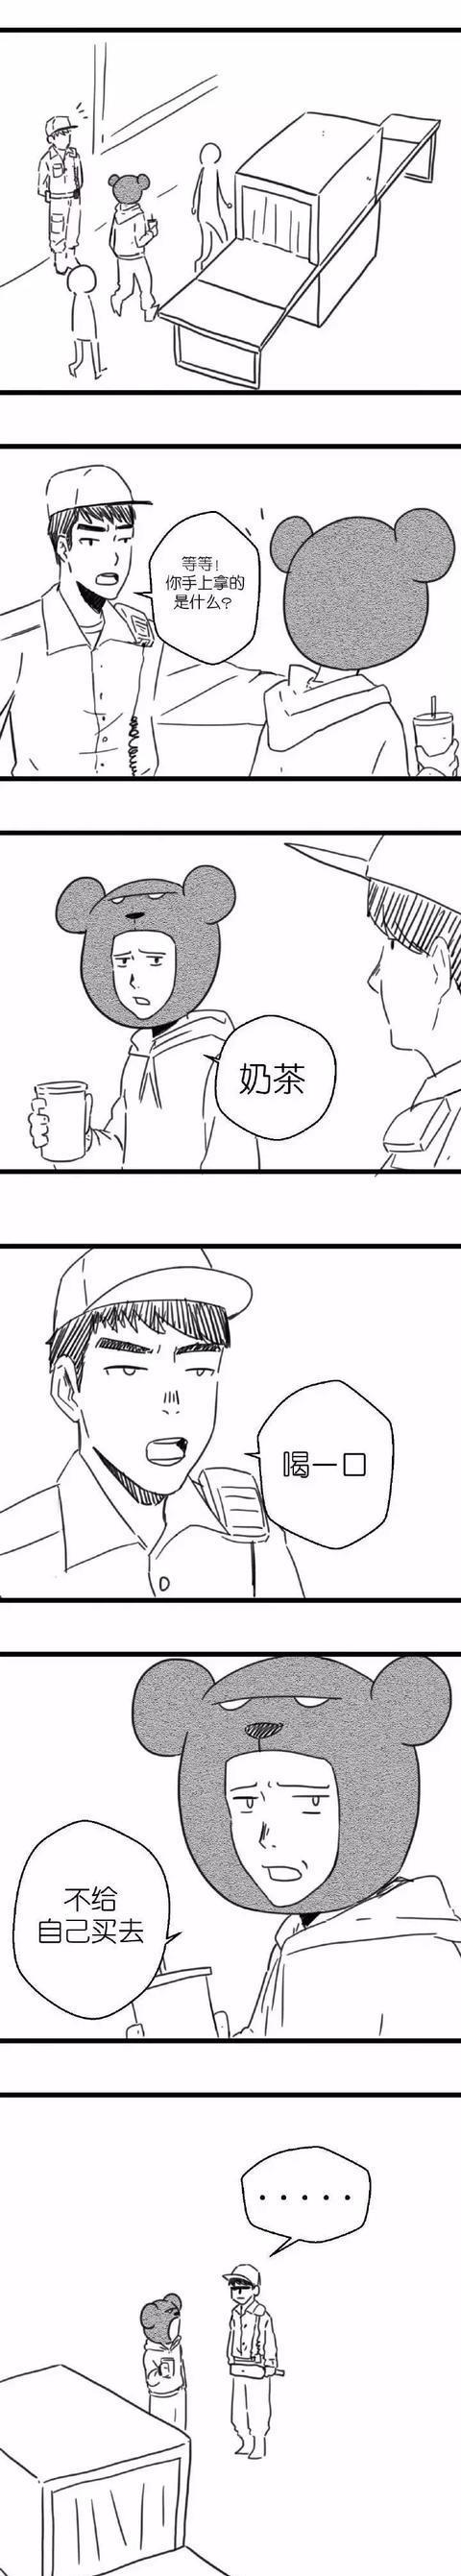 喝着奶茶过安检的2X青年